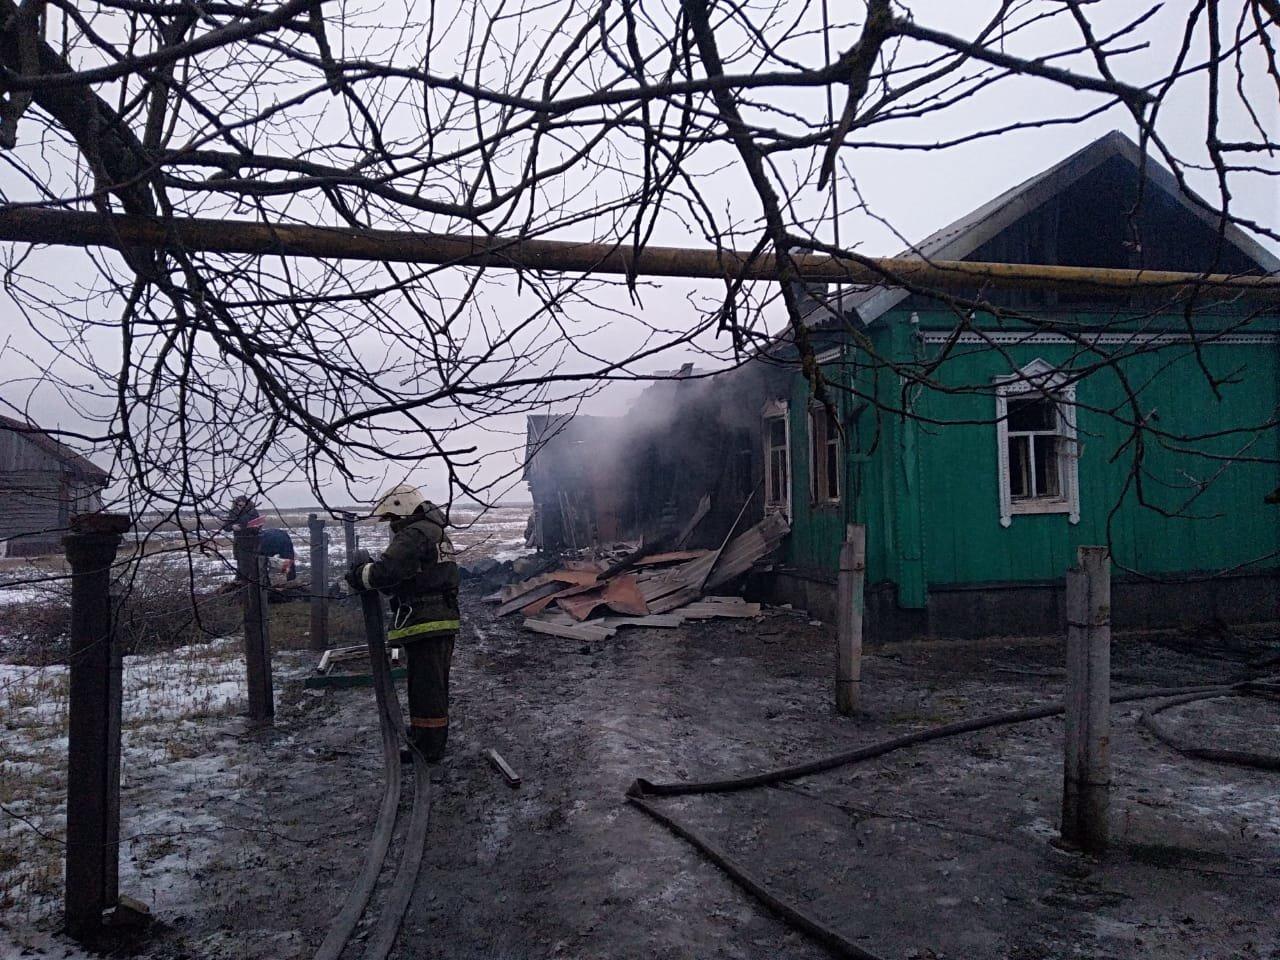 В Тамбовской области сгорел жилой дом: под завалами обнаружили тела двух человек, фото-3